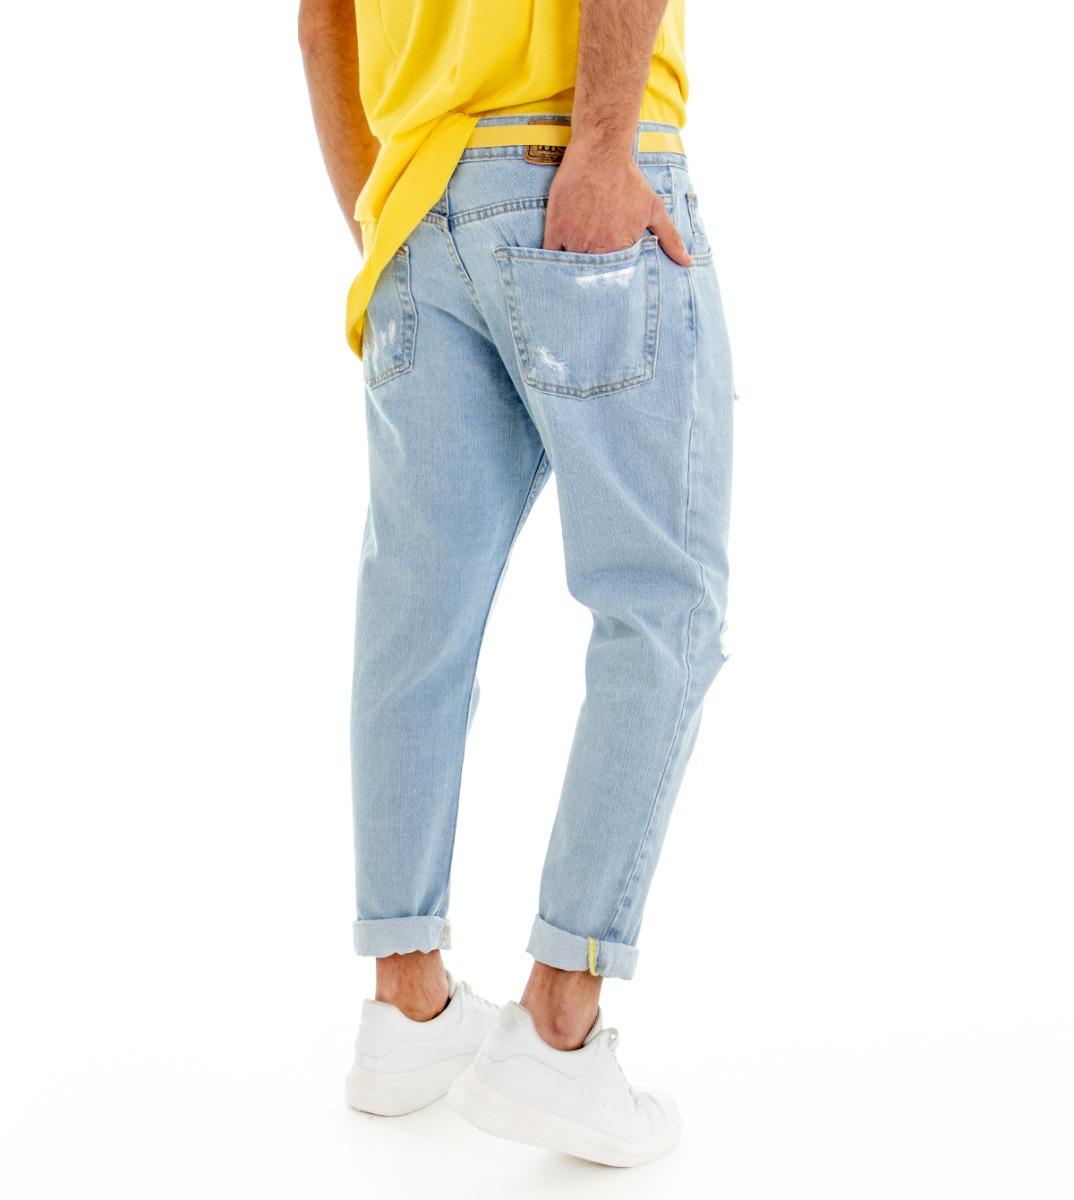 Pantalone-Denim-Chiaro-Uomo-Jeans-Cinque-Tasche-Con-Rotture-MOD-Cotone-GIOSAL miniatura 7